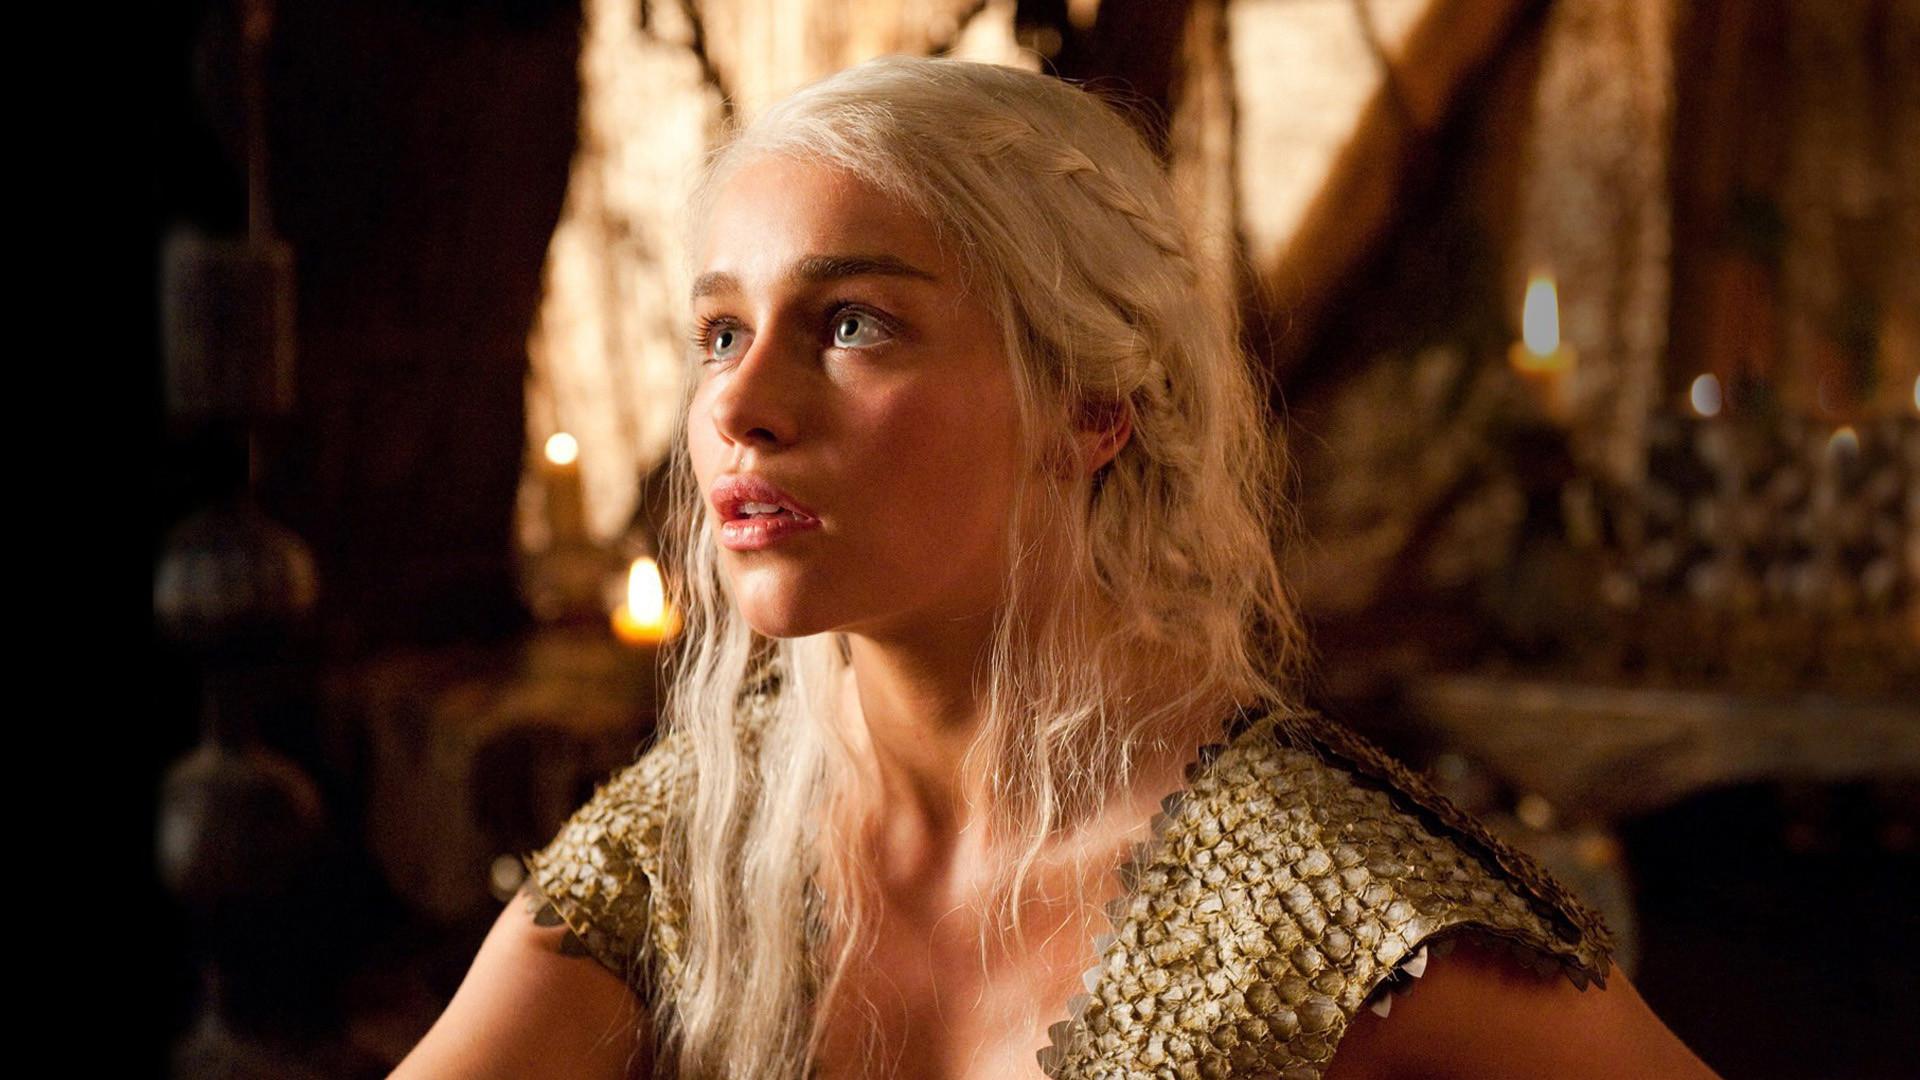 Beautiful Daenerys Targaryen – Game of Thrones wallpaper